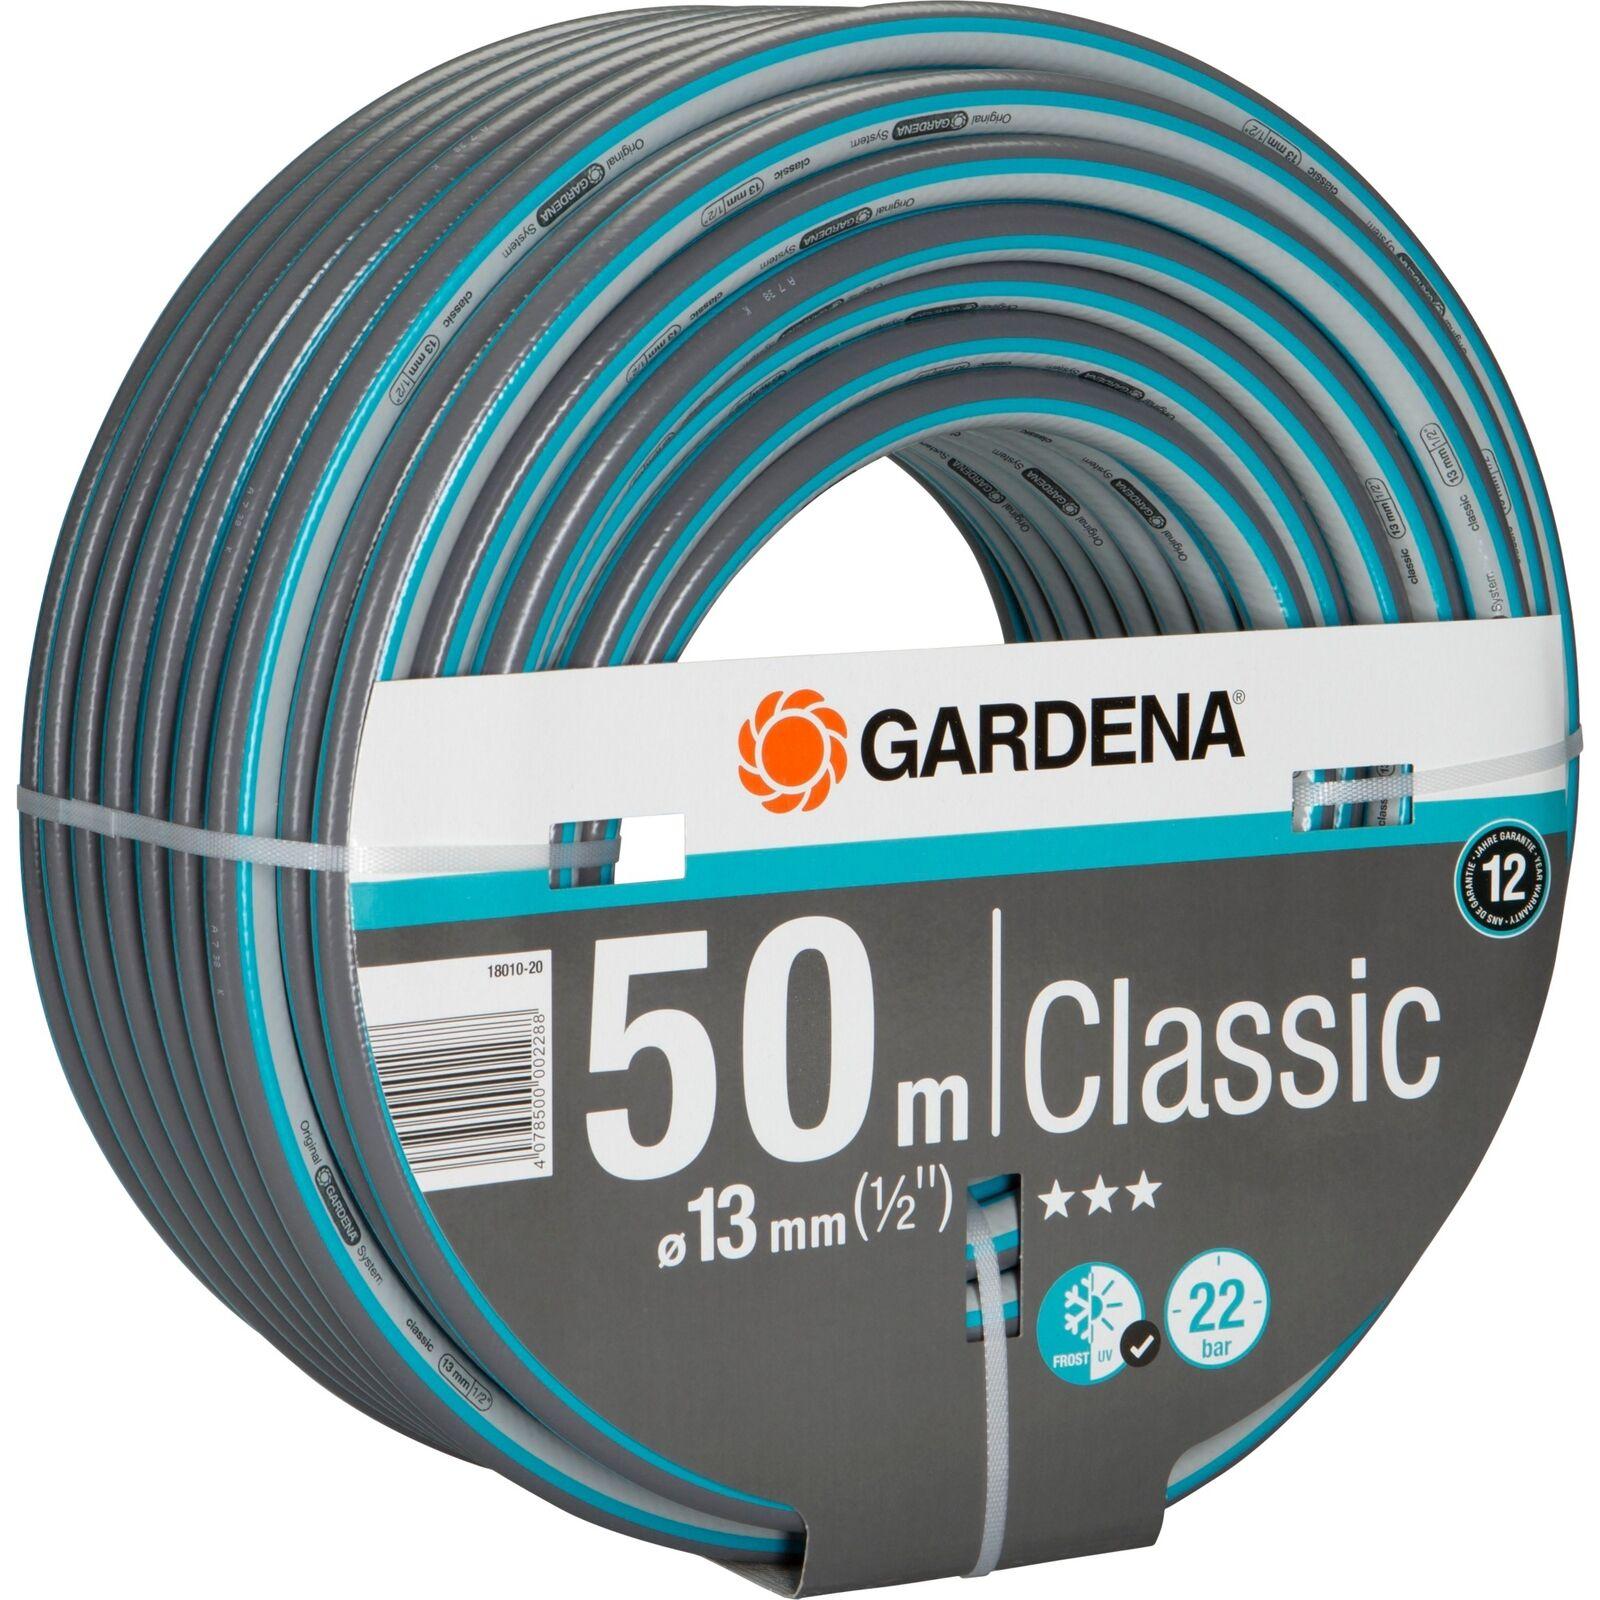 GARDENA Classic Schlauch 13mm (1 2 ) | Kostengünstiger  | | | Langfristiger Ruf  | Starker Wert  688c8a